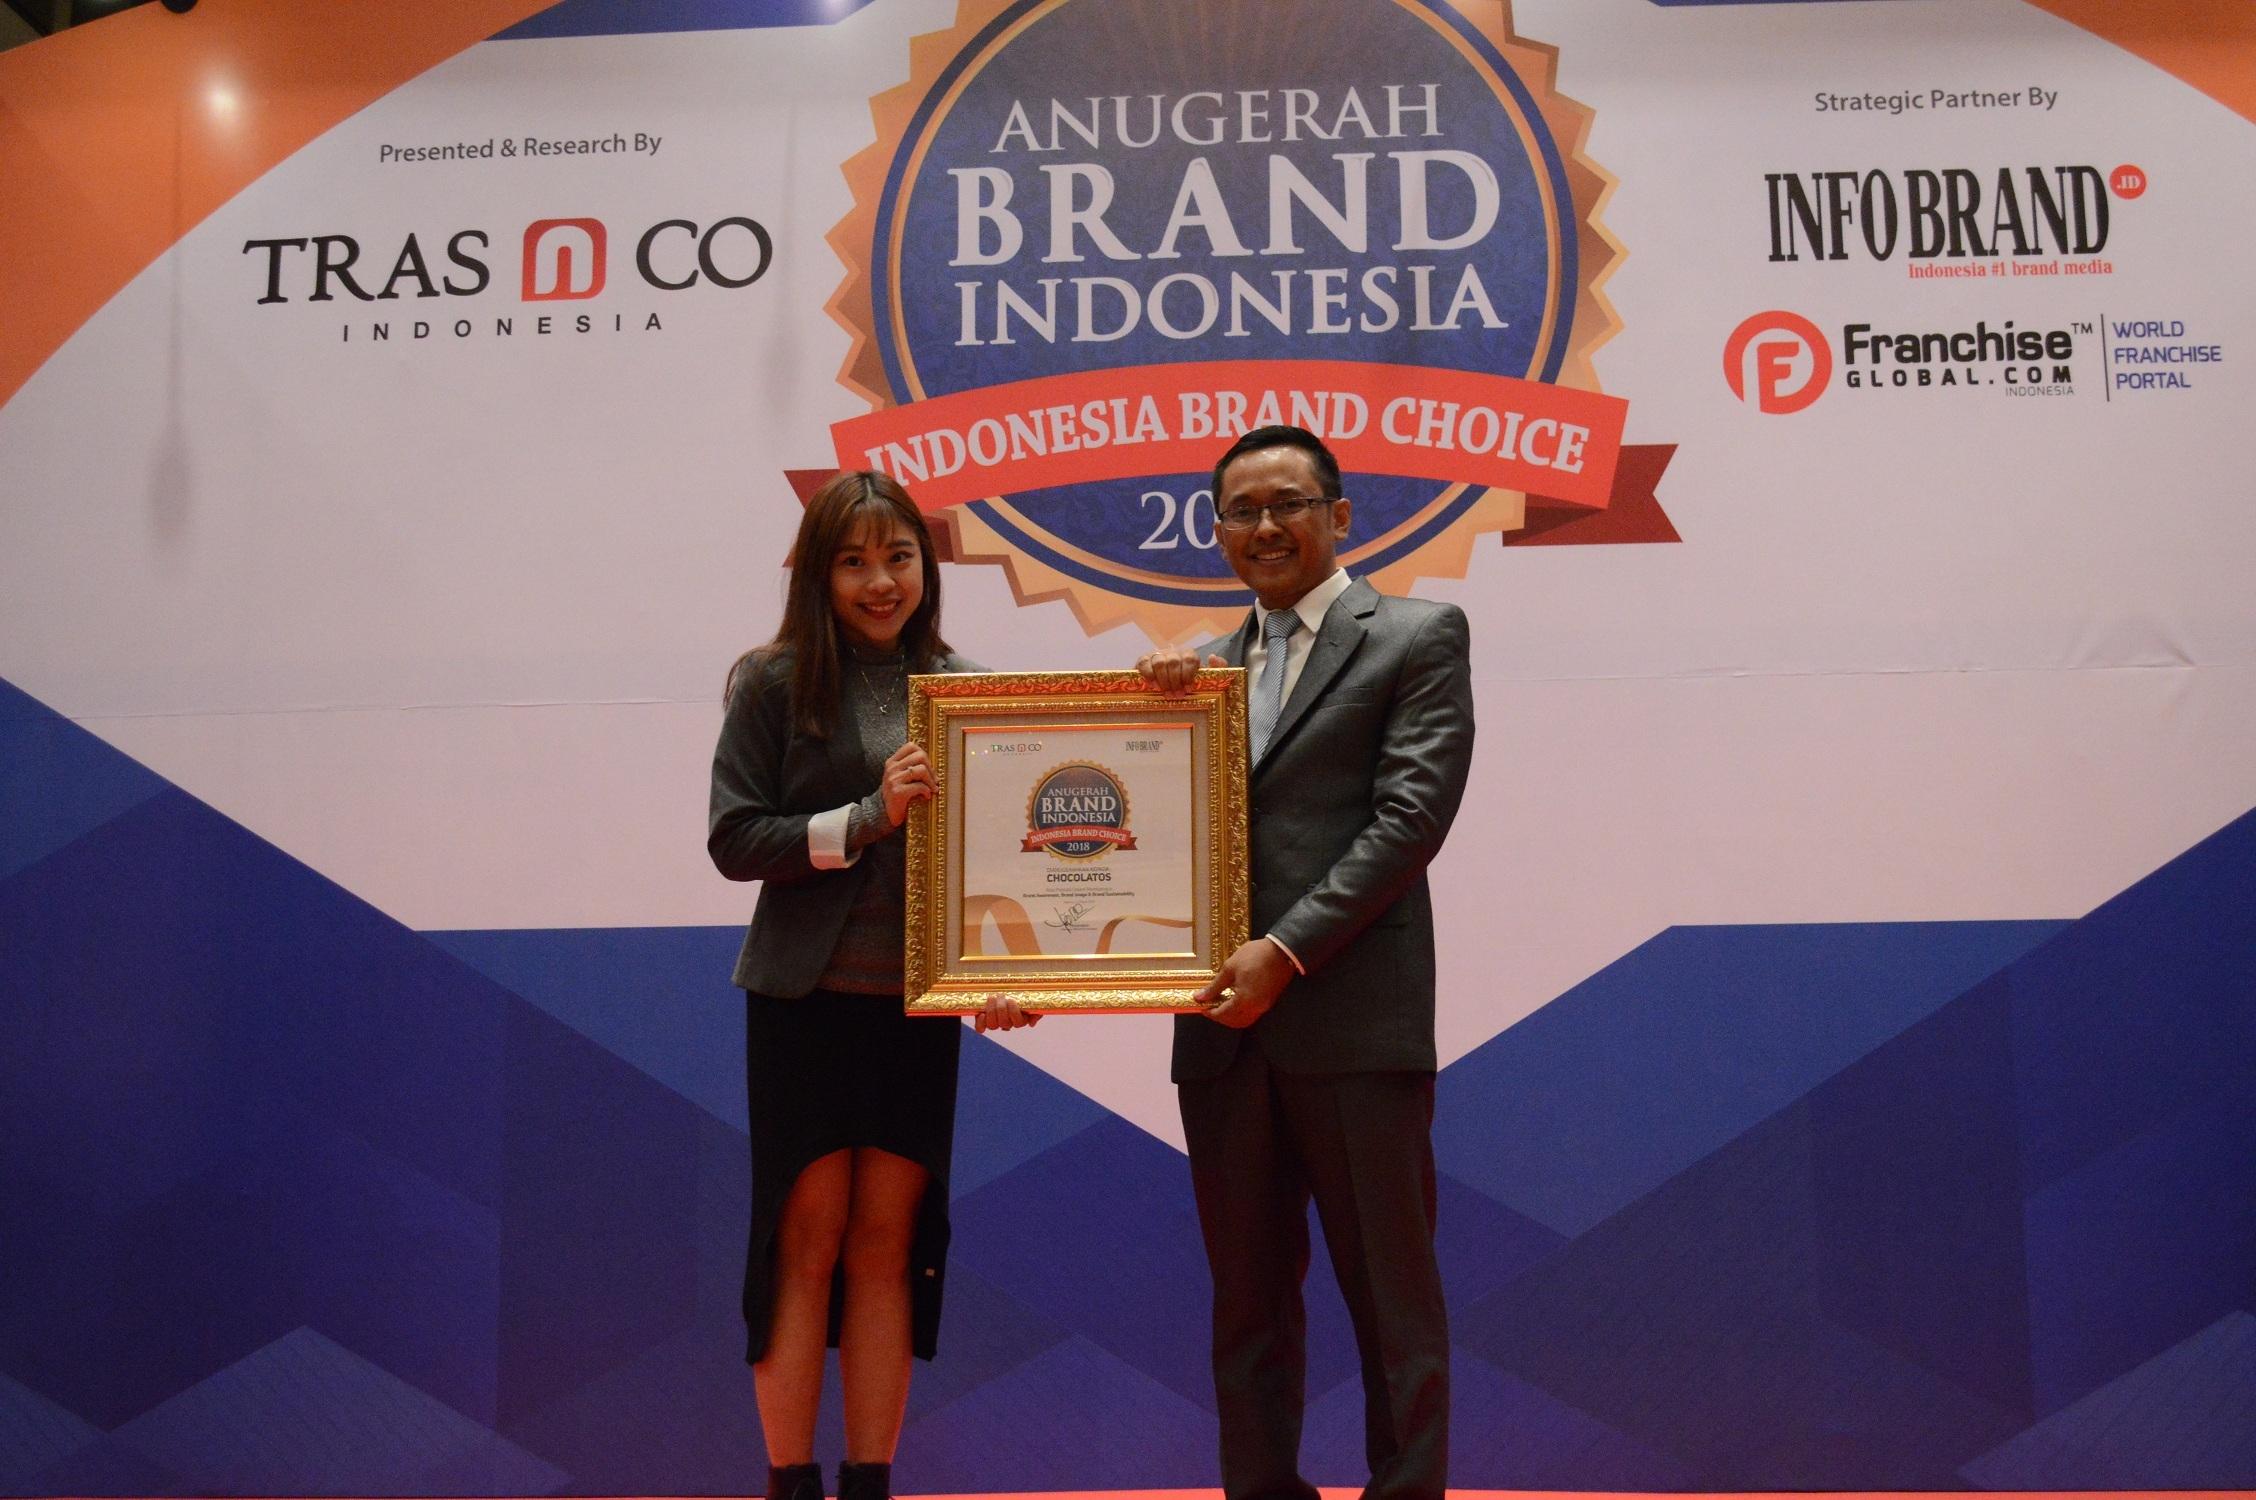 Chocolatos Raih Penghargaan Anugerah Brand Indonesia 2018